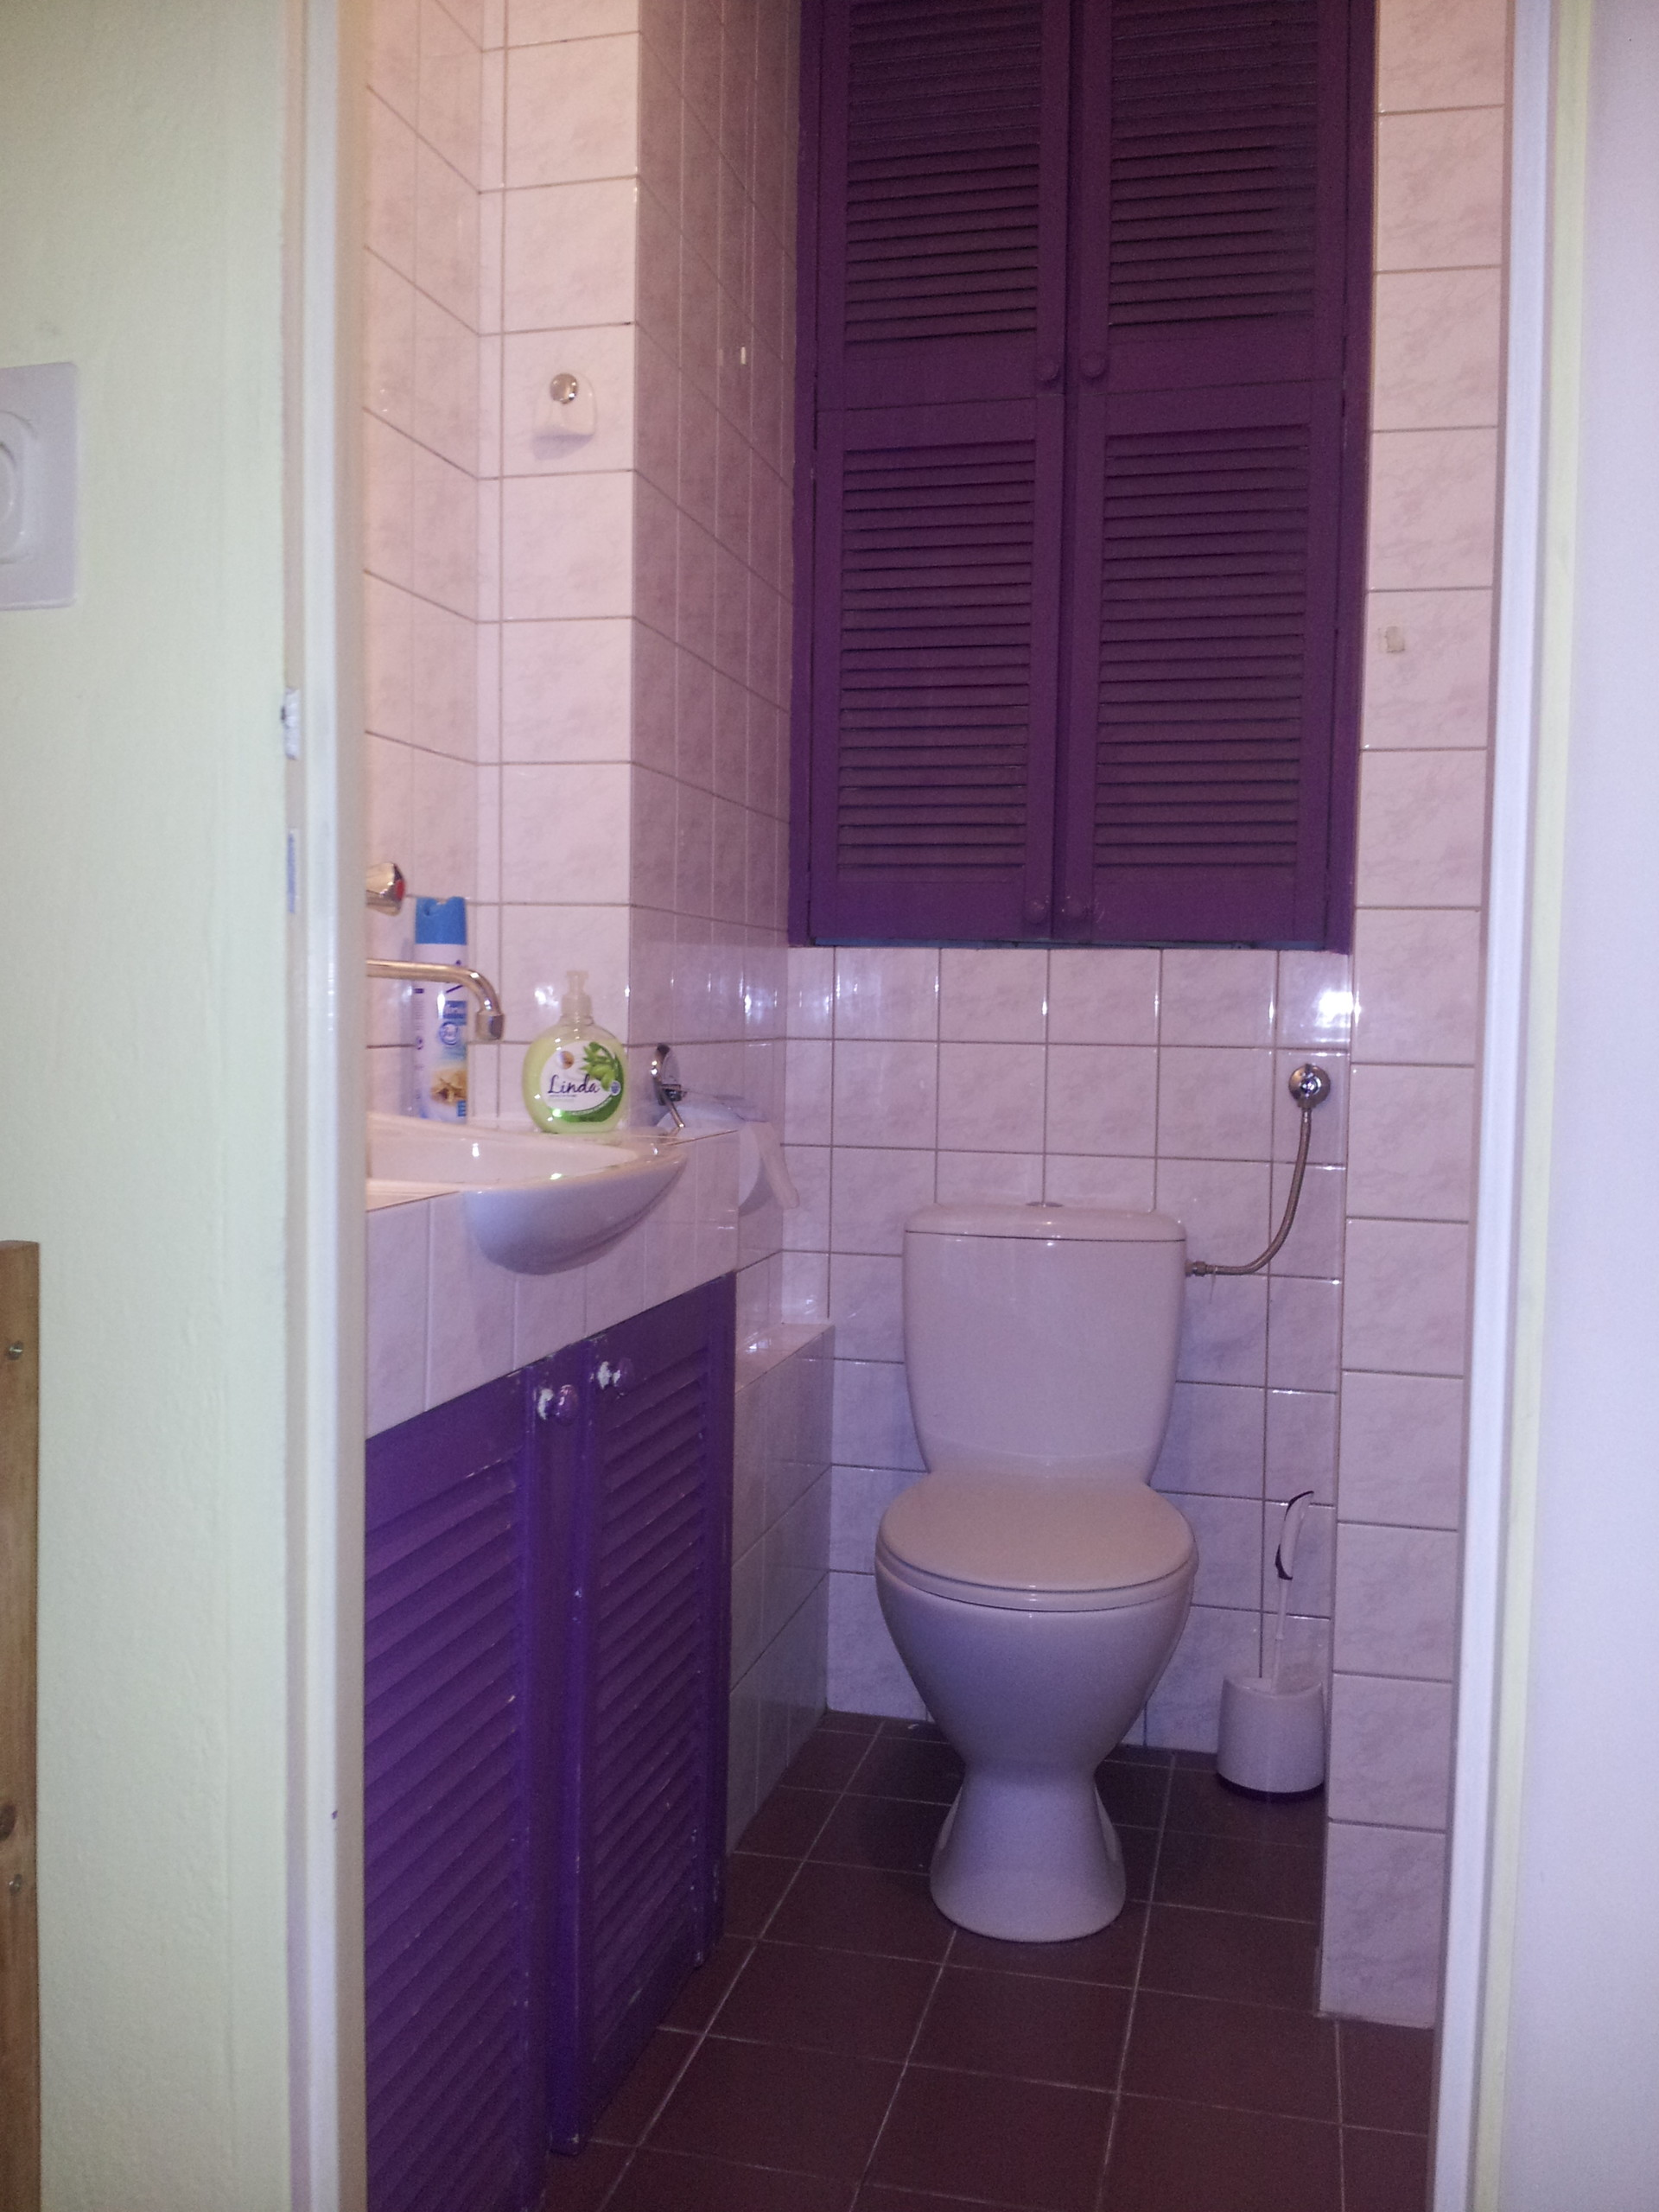 0 bedroom Habitaciones en pisos compartidos